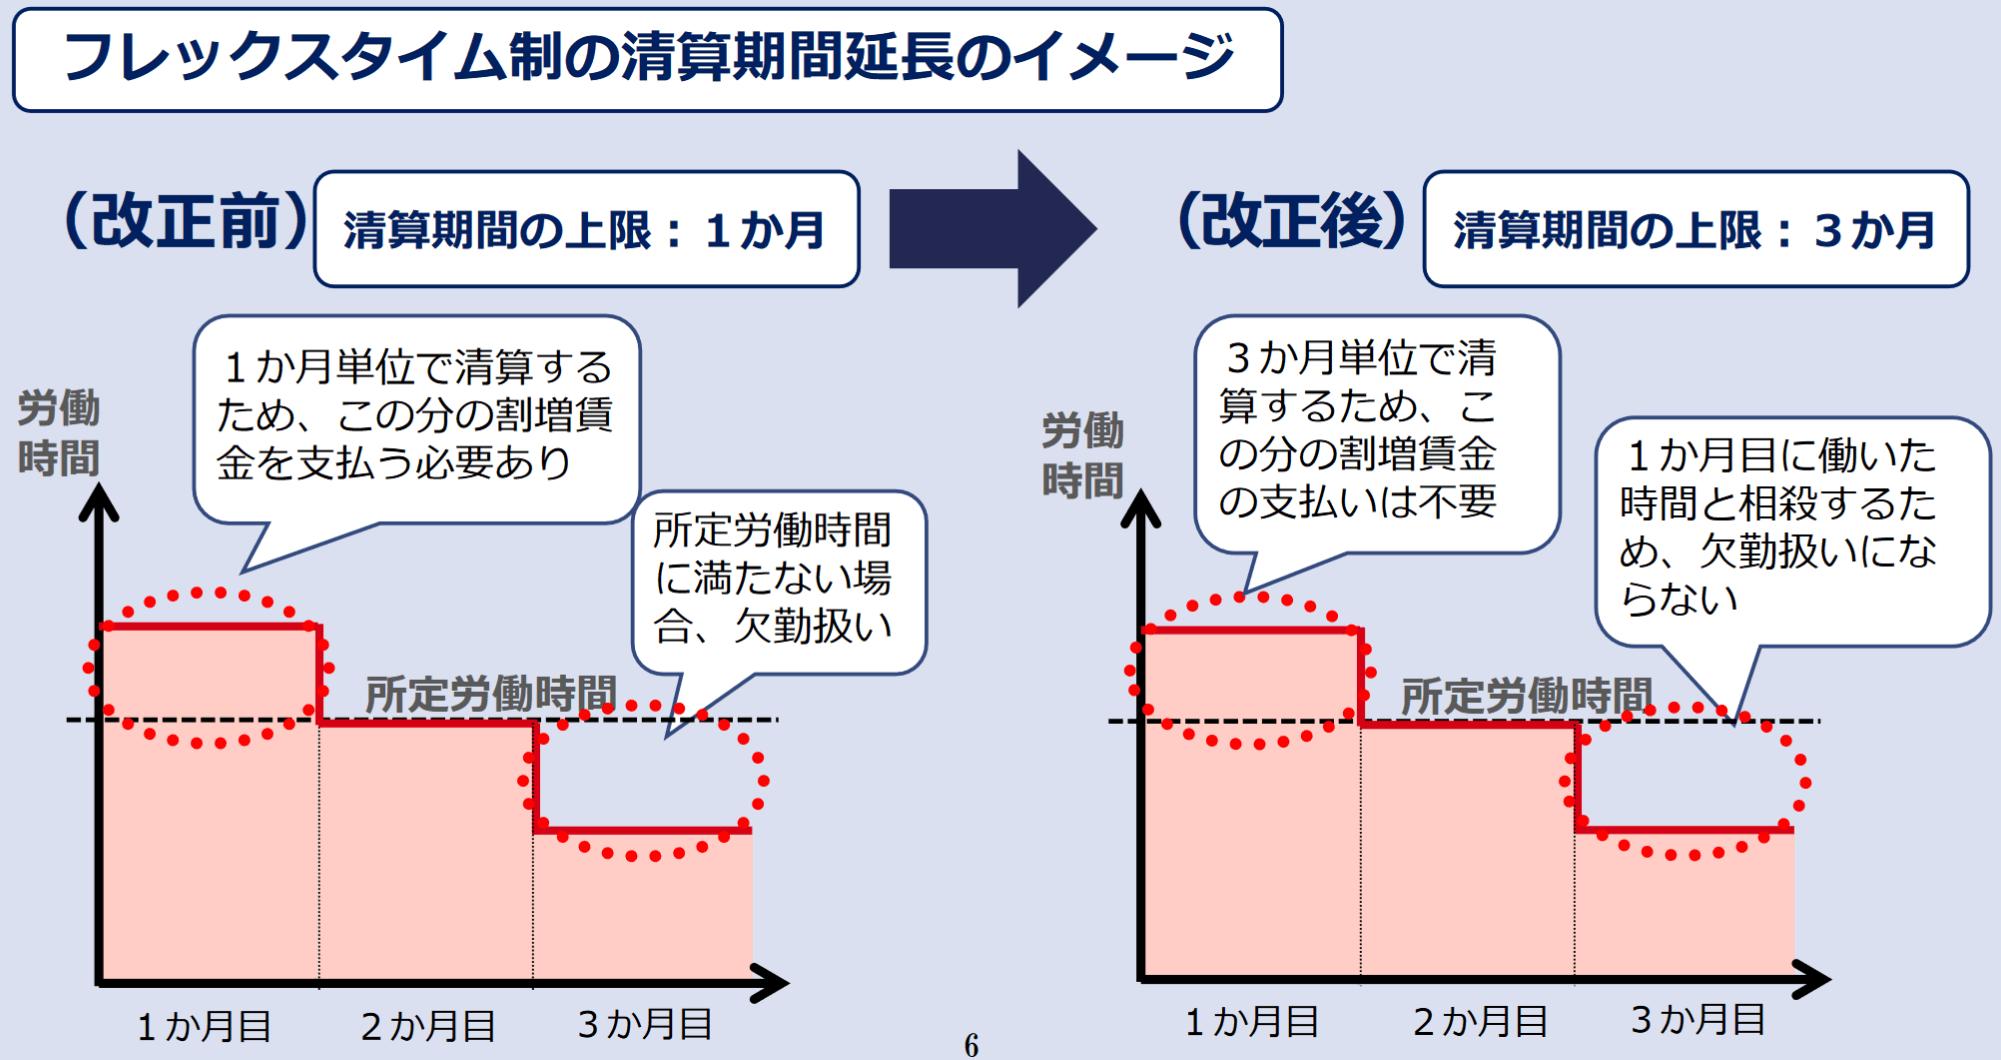 フレックスタイム制の清算期間延長のイメージ